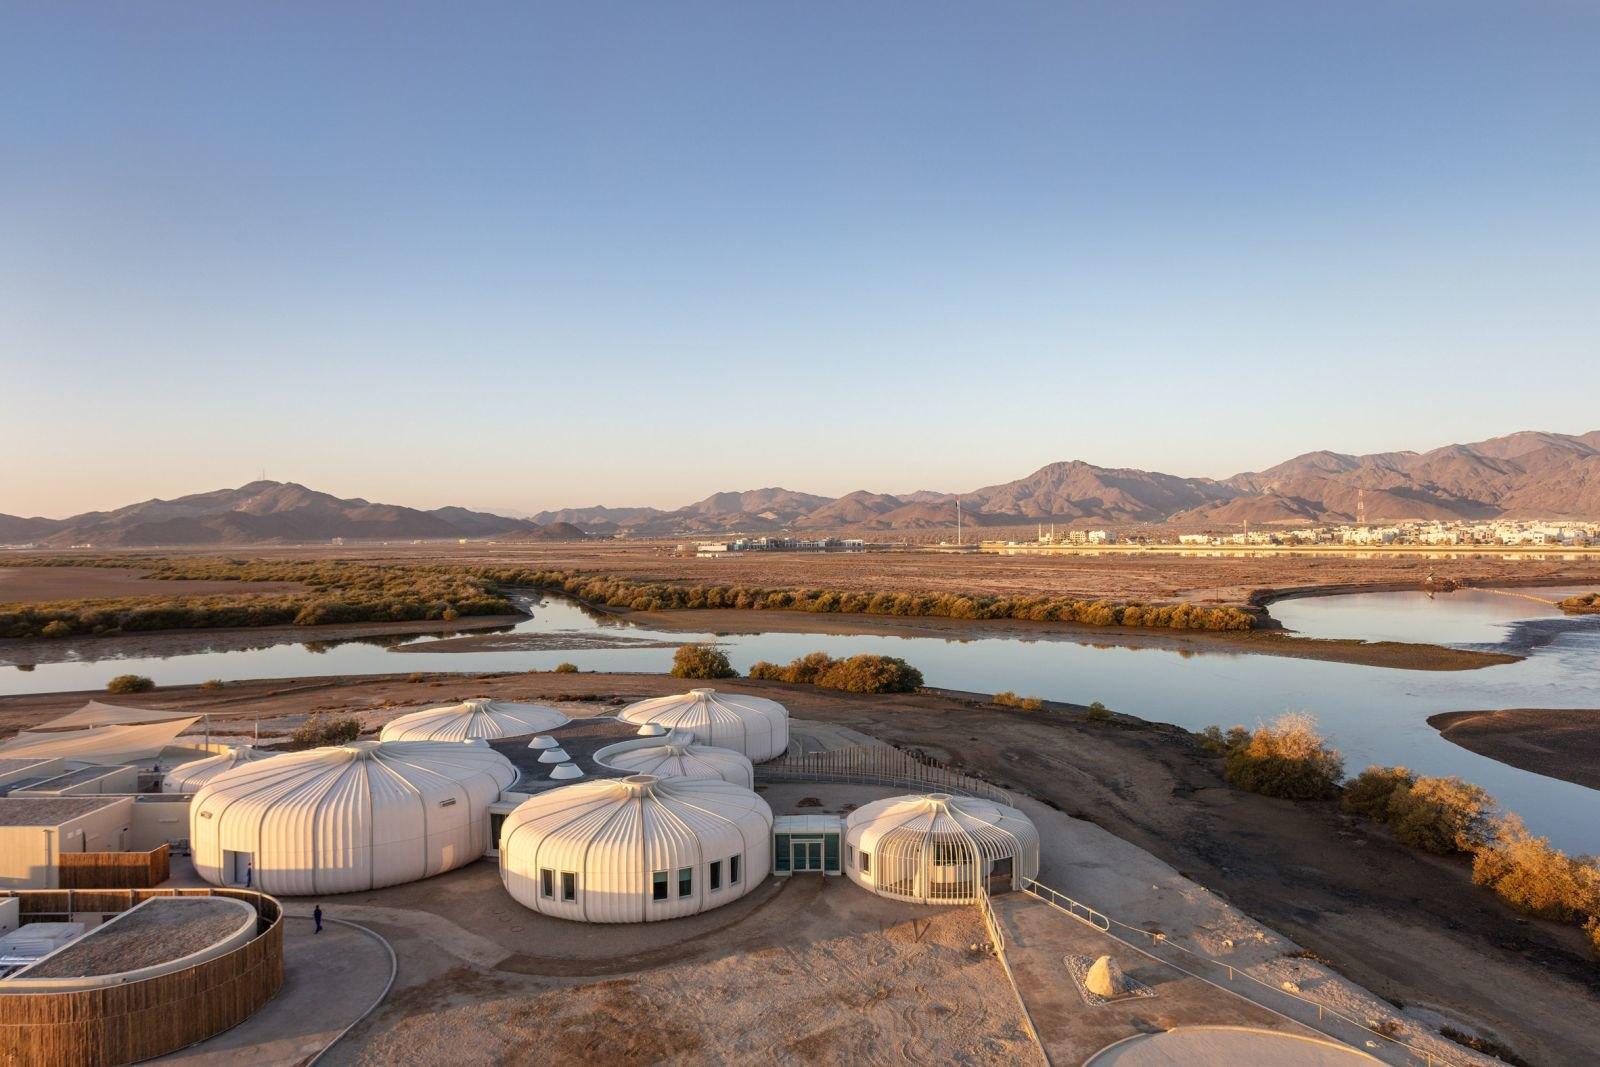 В Еміратах збудували центр реабілітації для черепах